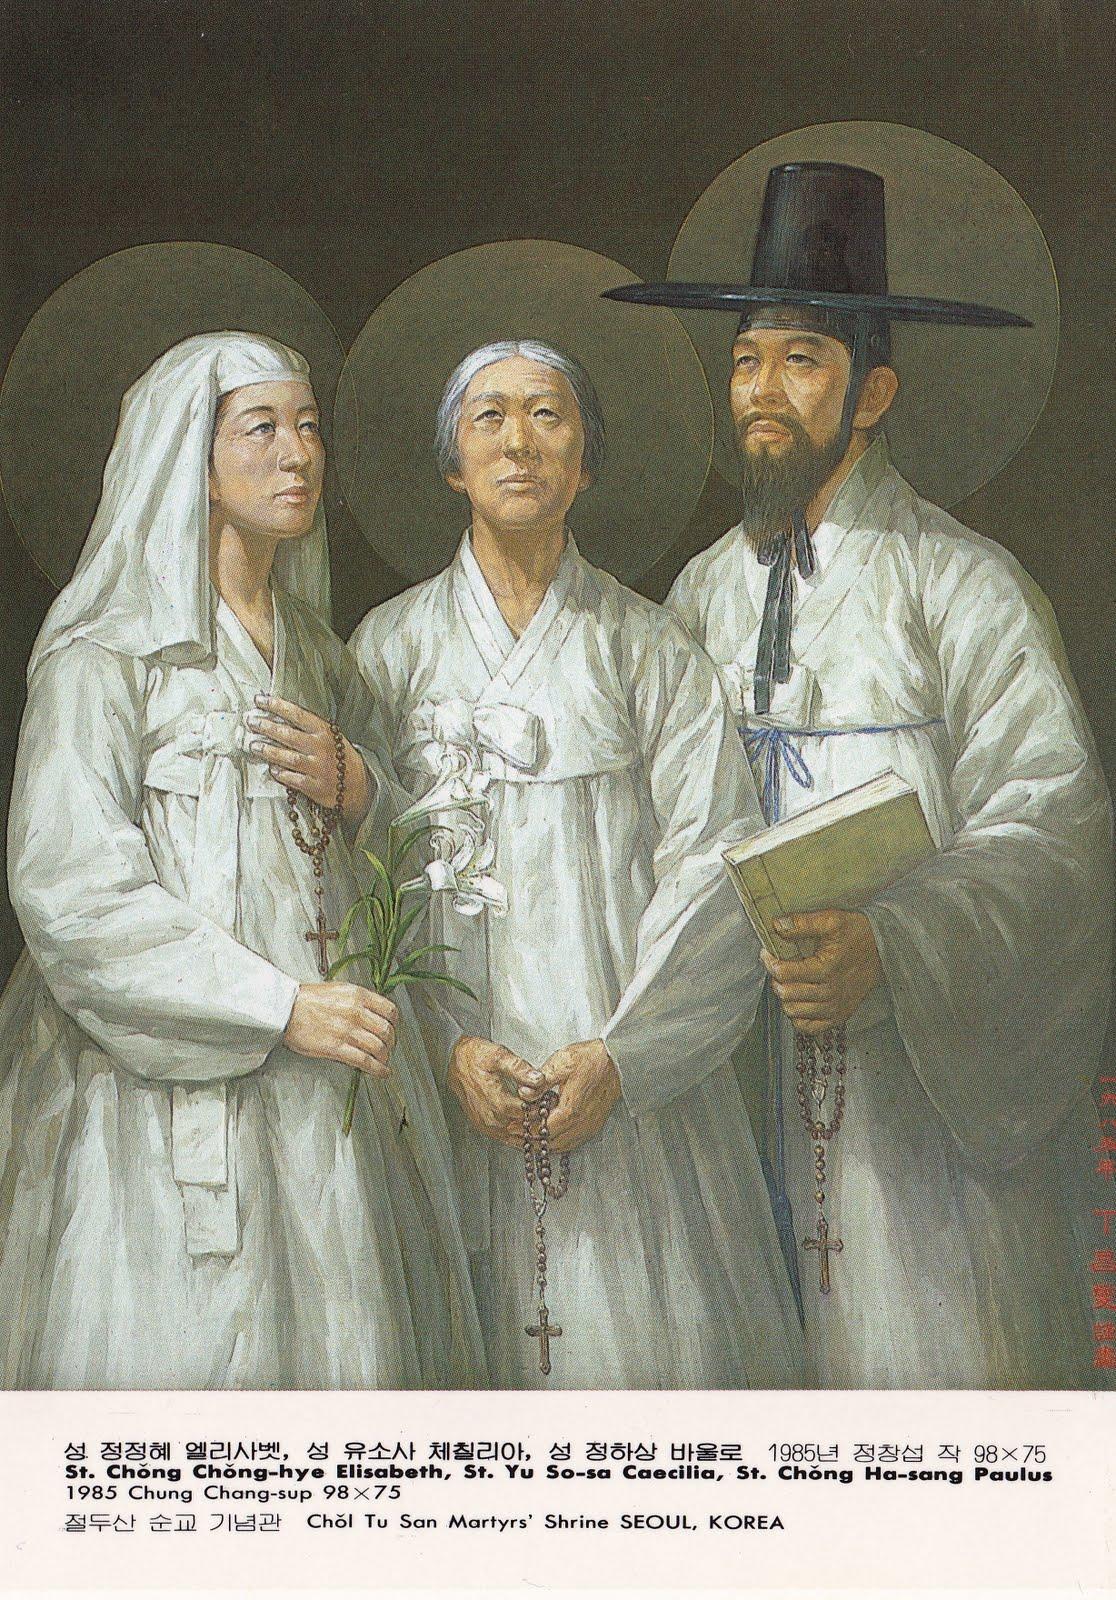 De hellige Elisabeth Jeong Jeong-hye, Cecilia Yu So-sa og Paulus Jeong Ha-sang –to søsken og deres mor